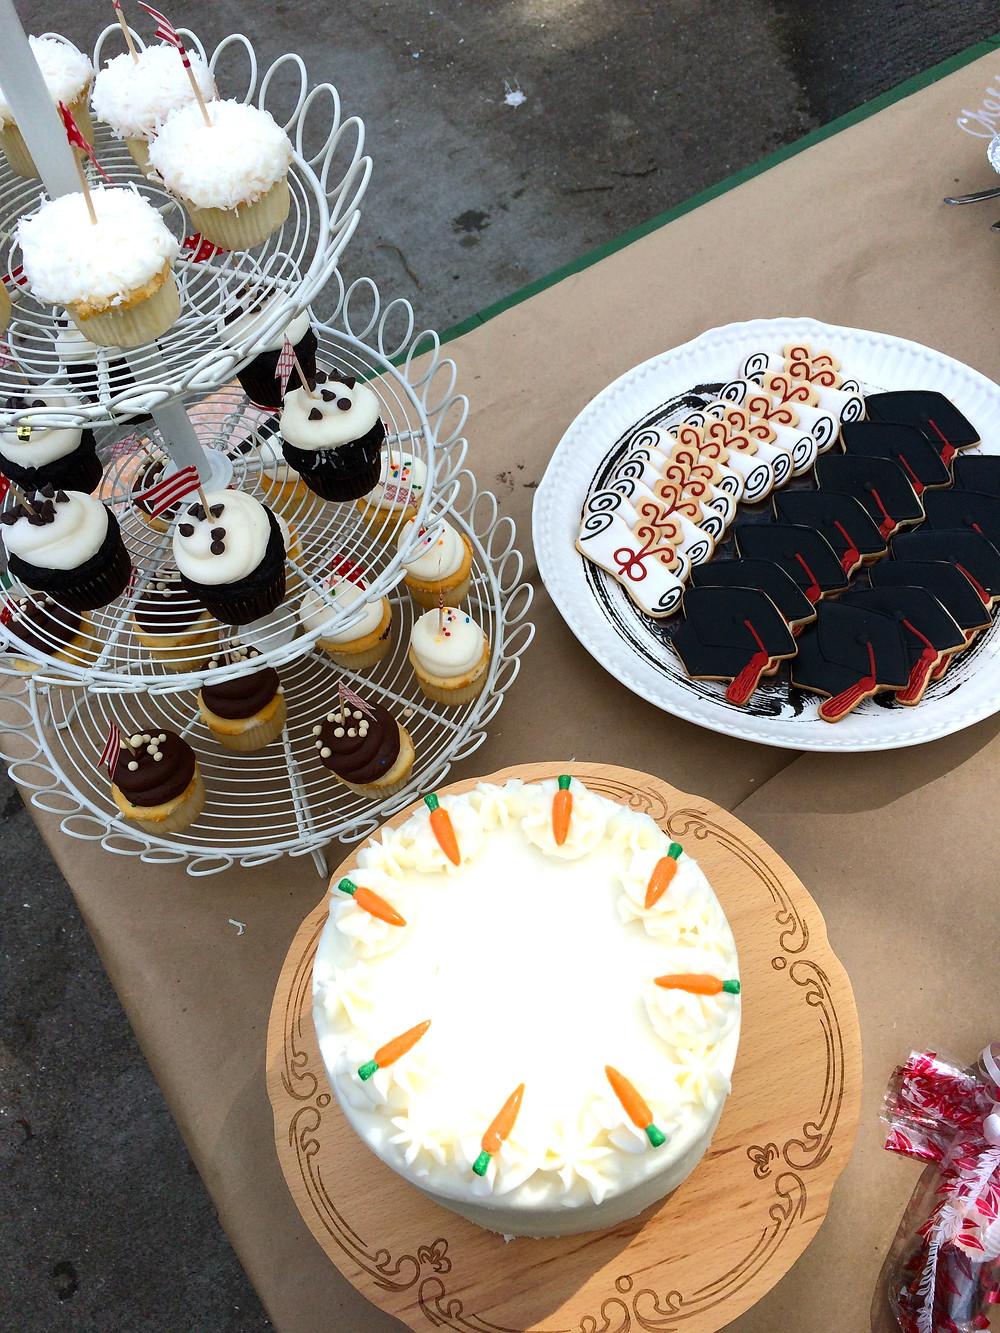 Graduation Party - San Francisco Golden Gate Park Party